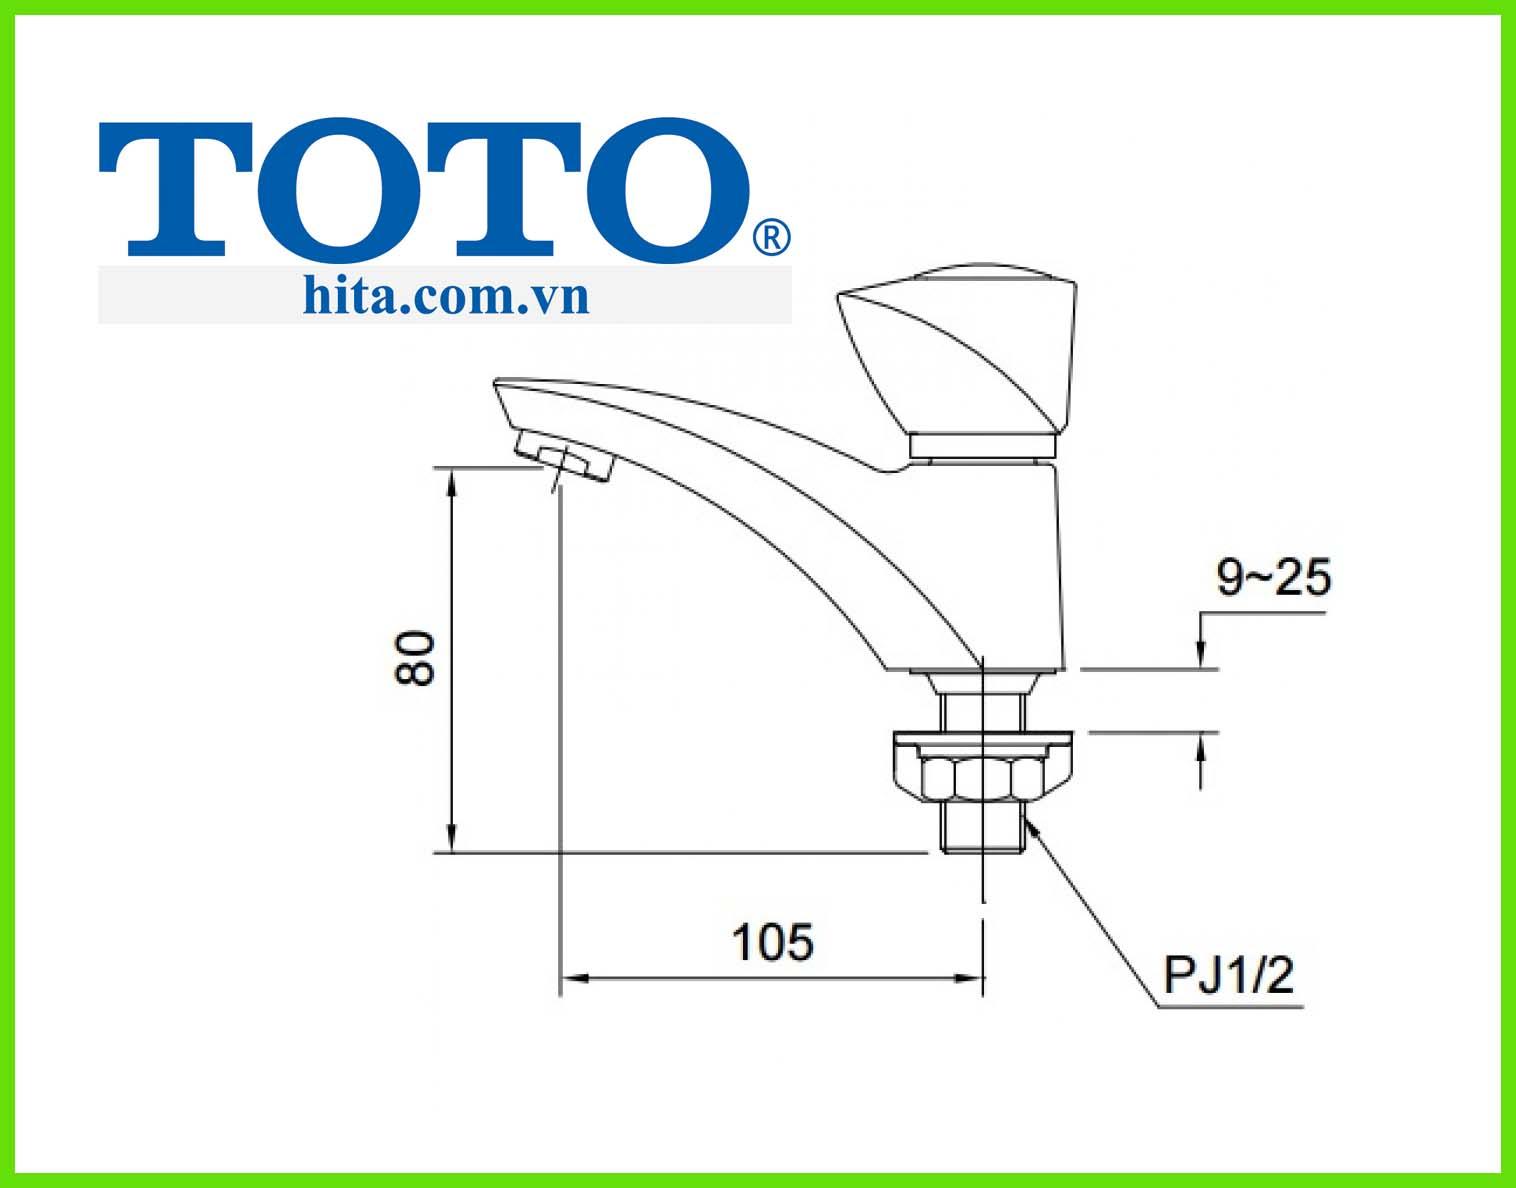 Vòi chậu rửa mặt Toto TS105B13 bản vẽ